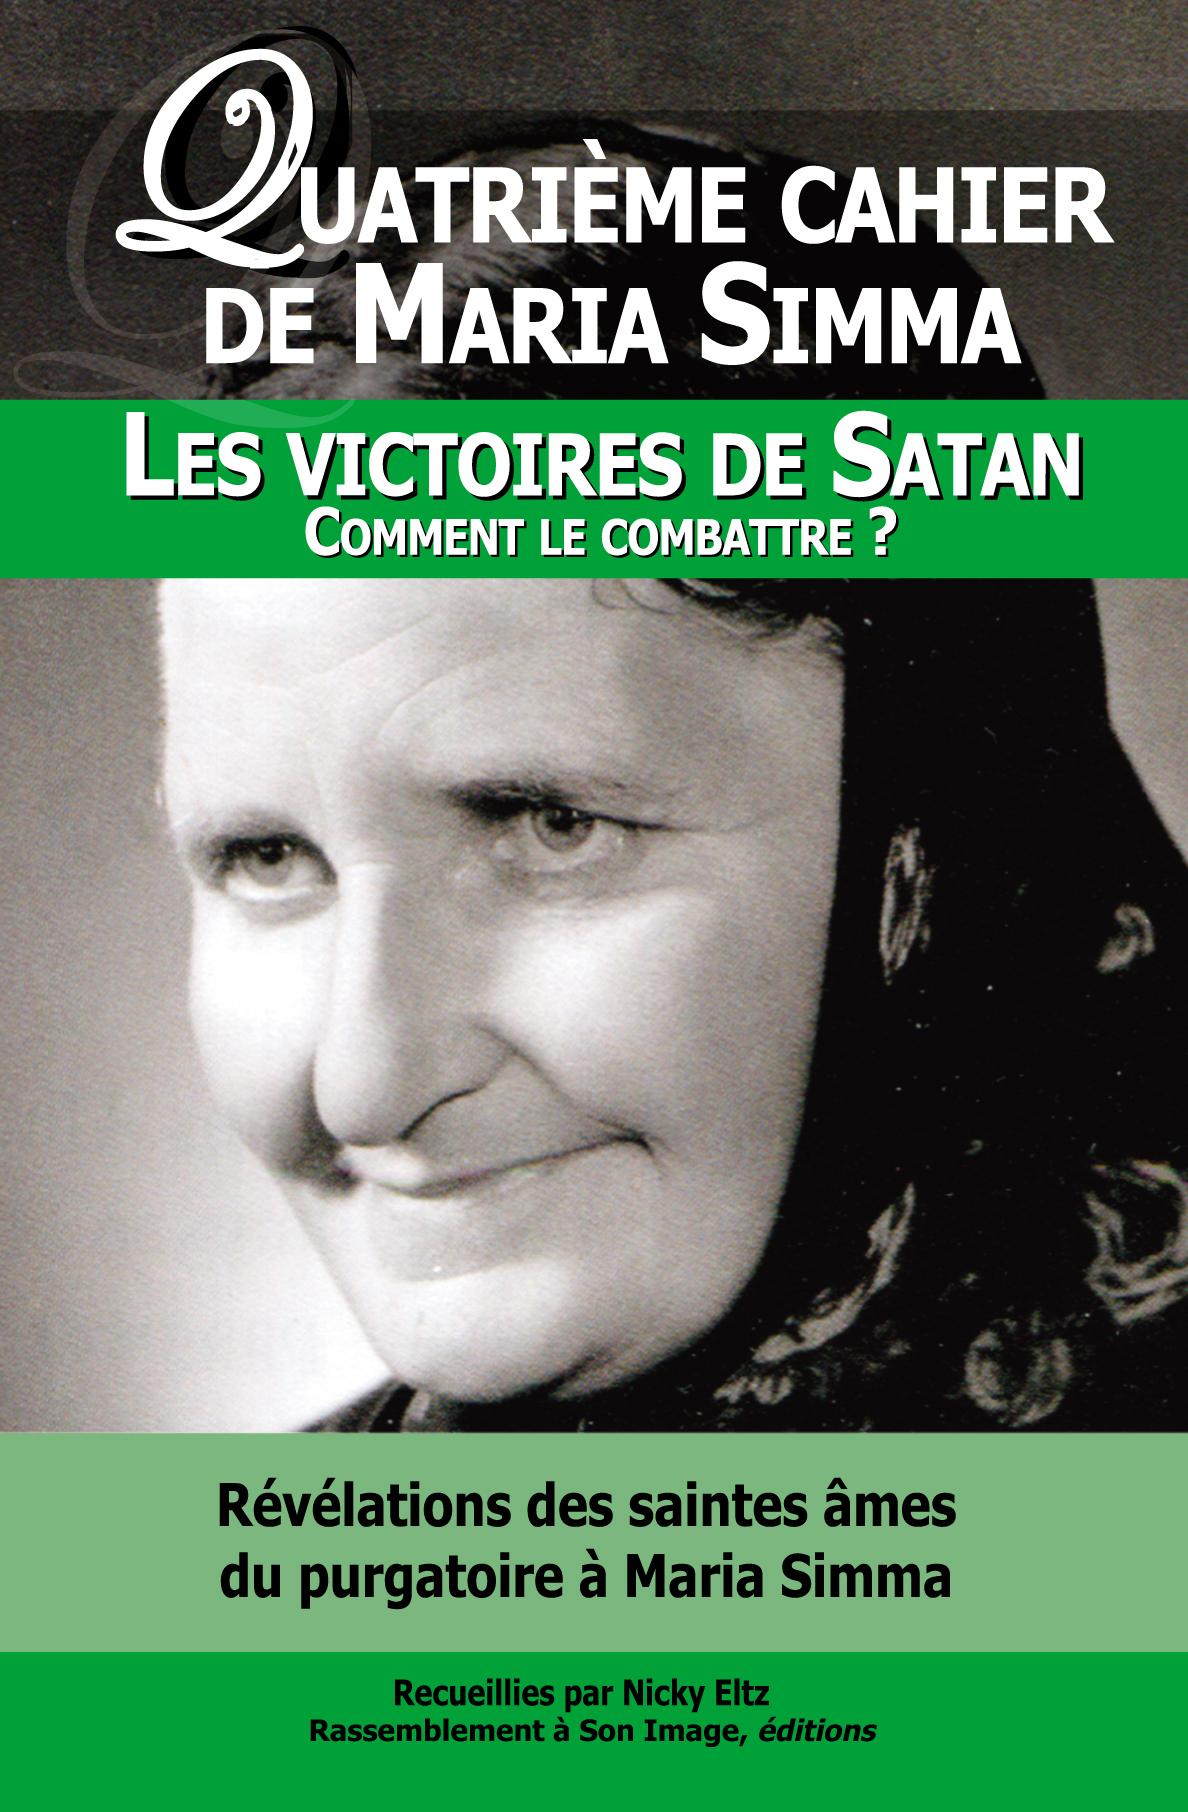 1 QUATRIEME CAHIER DE MARIA SIMMA. LES VICTOIRES DE SATAN -- COMMENT LES COMBATTRE ?